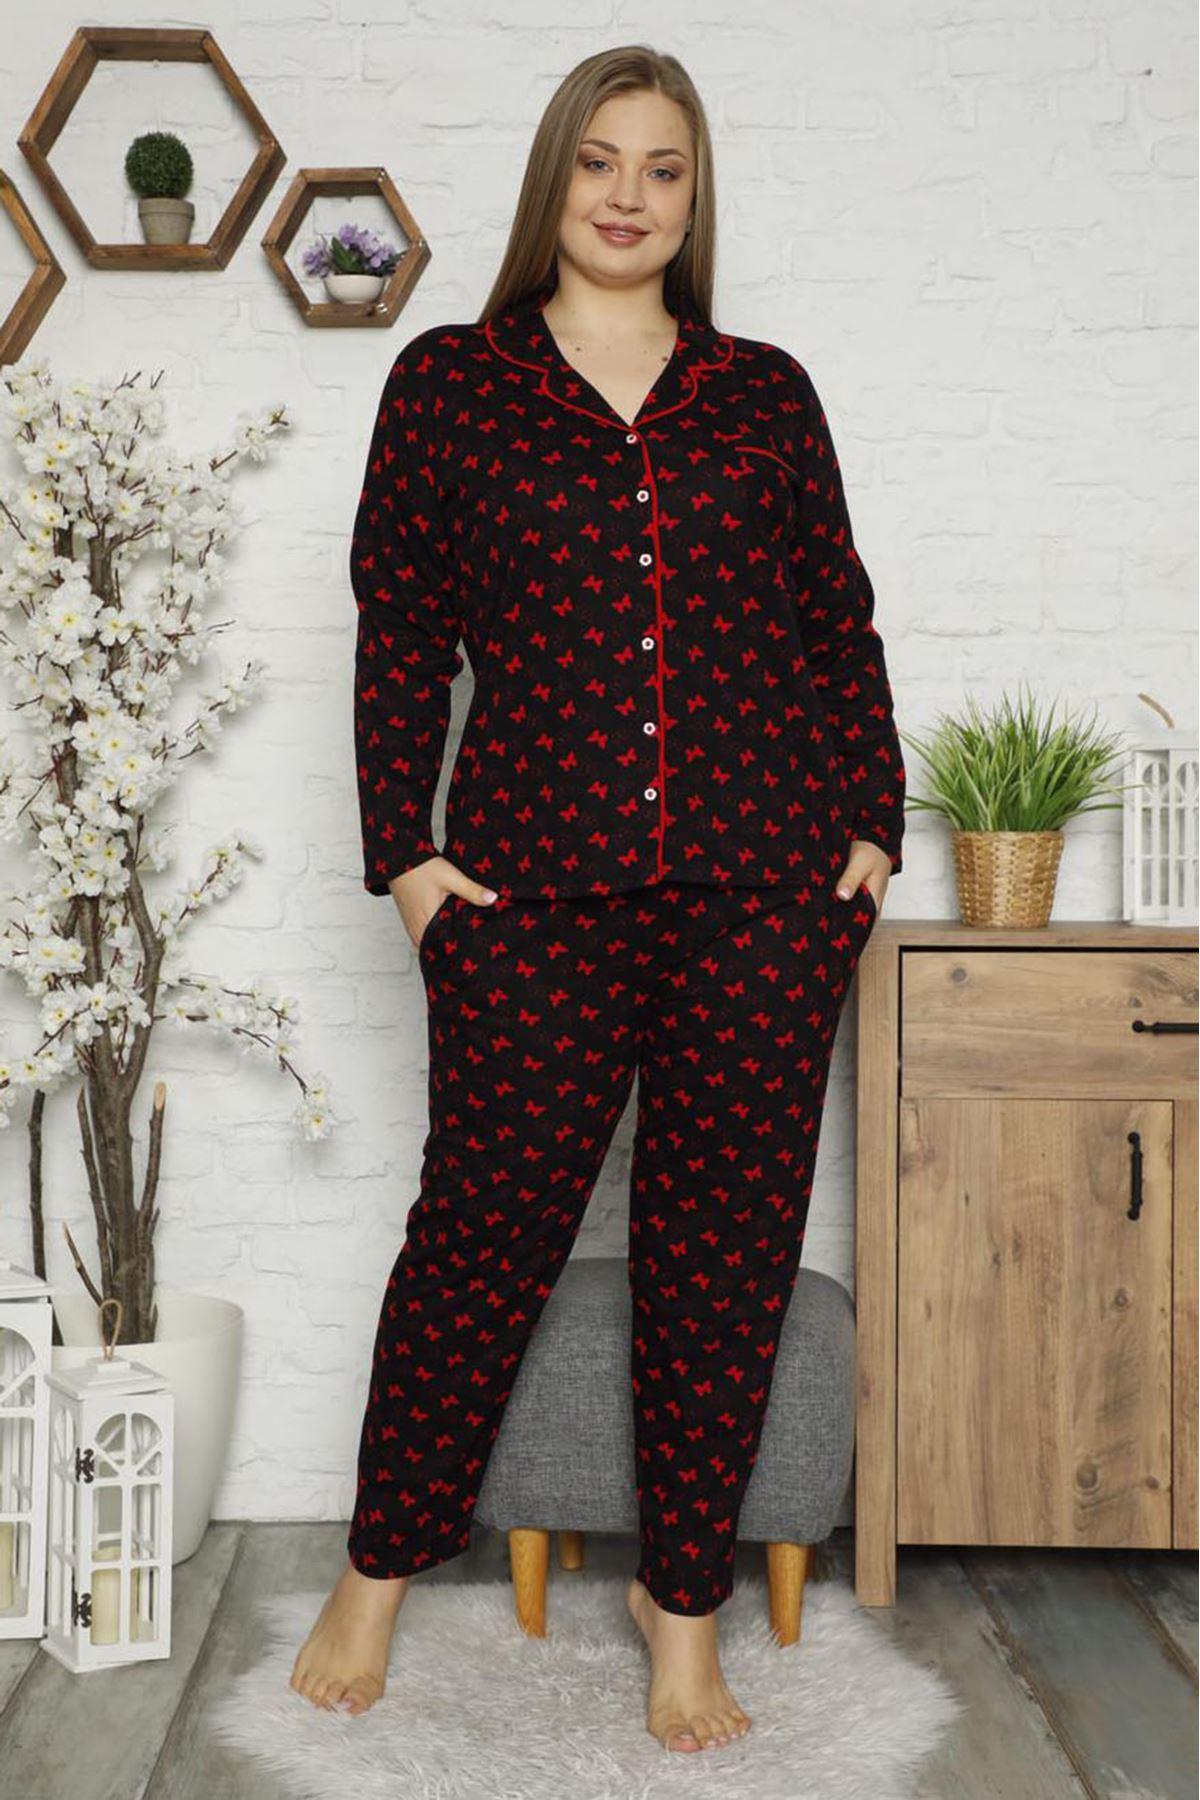 Kelebekli Büyük Beden Pijama Takımı 32E-1480